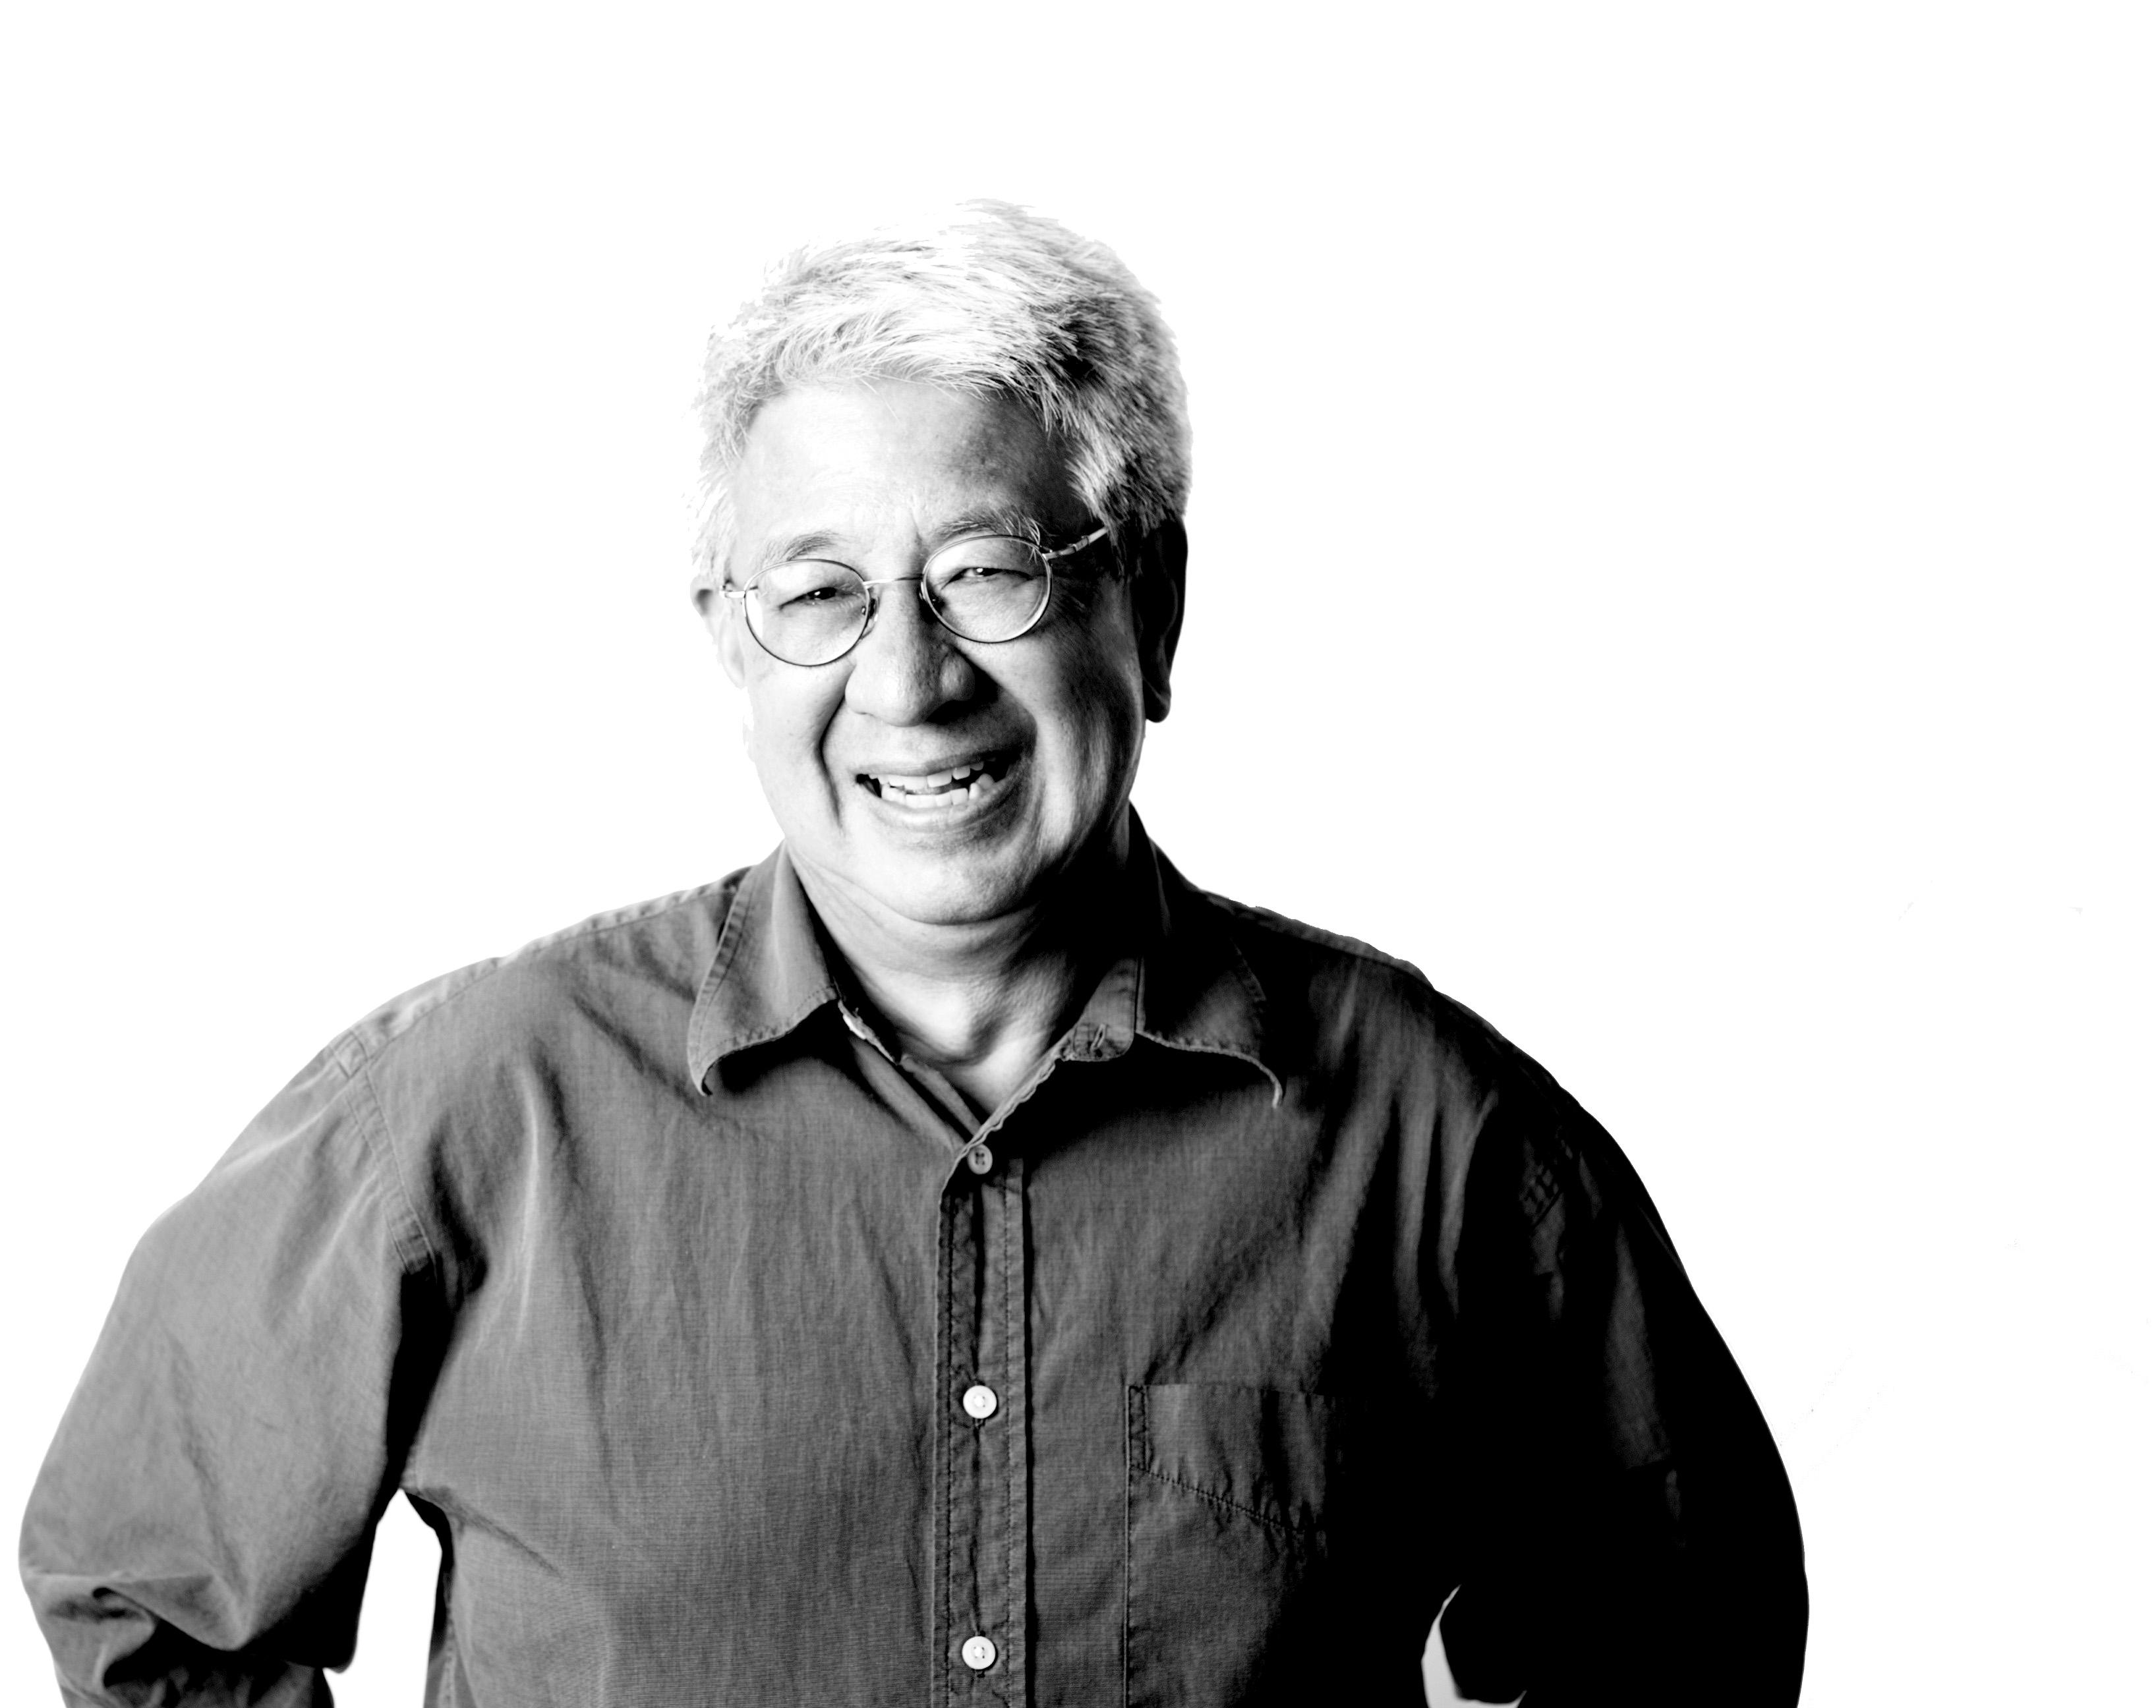 Ken Saiki